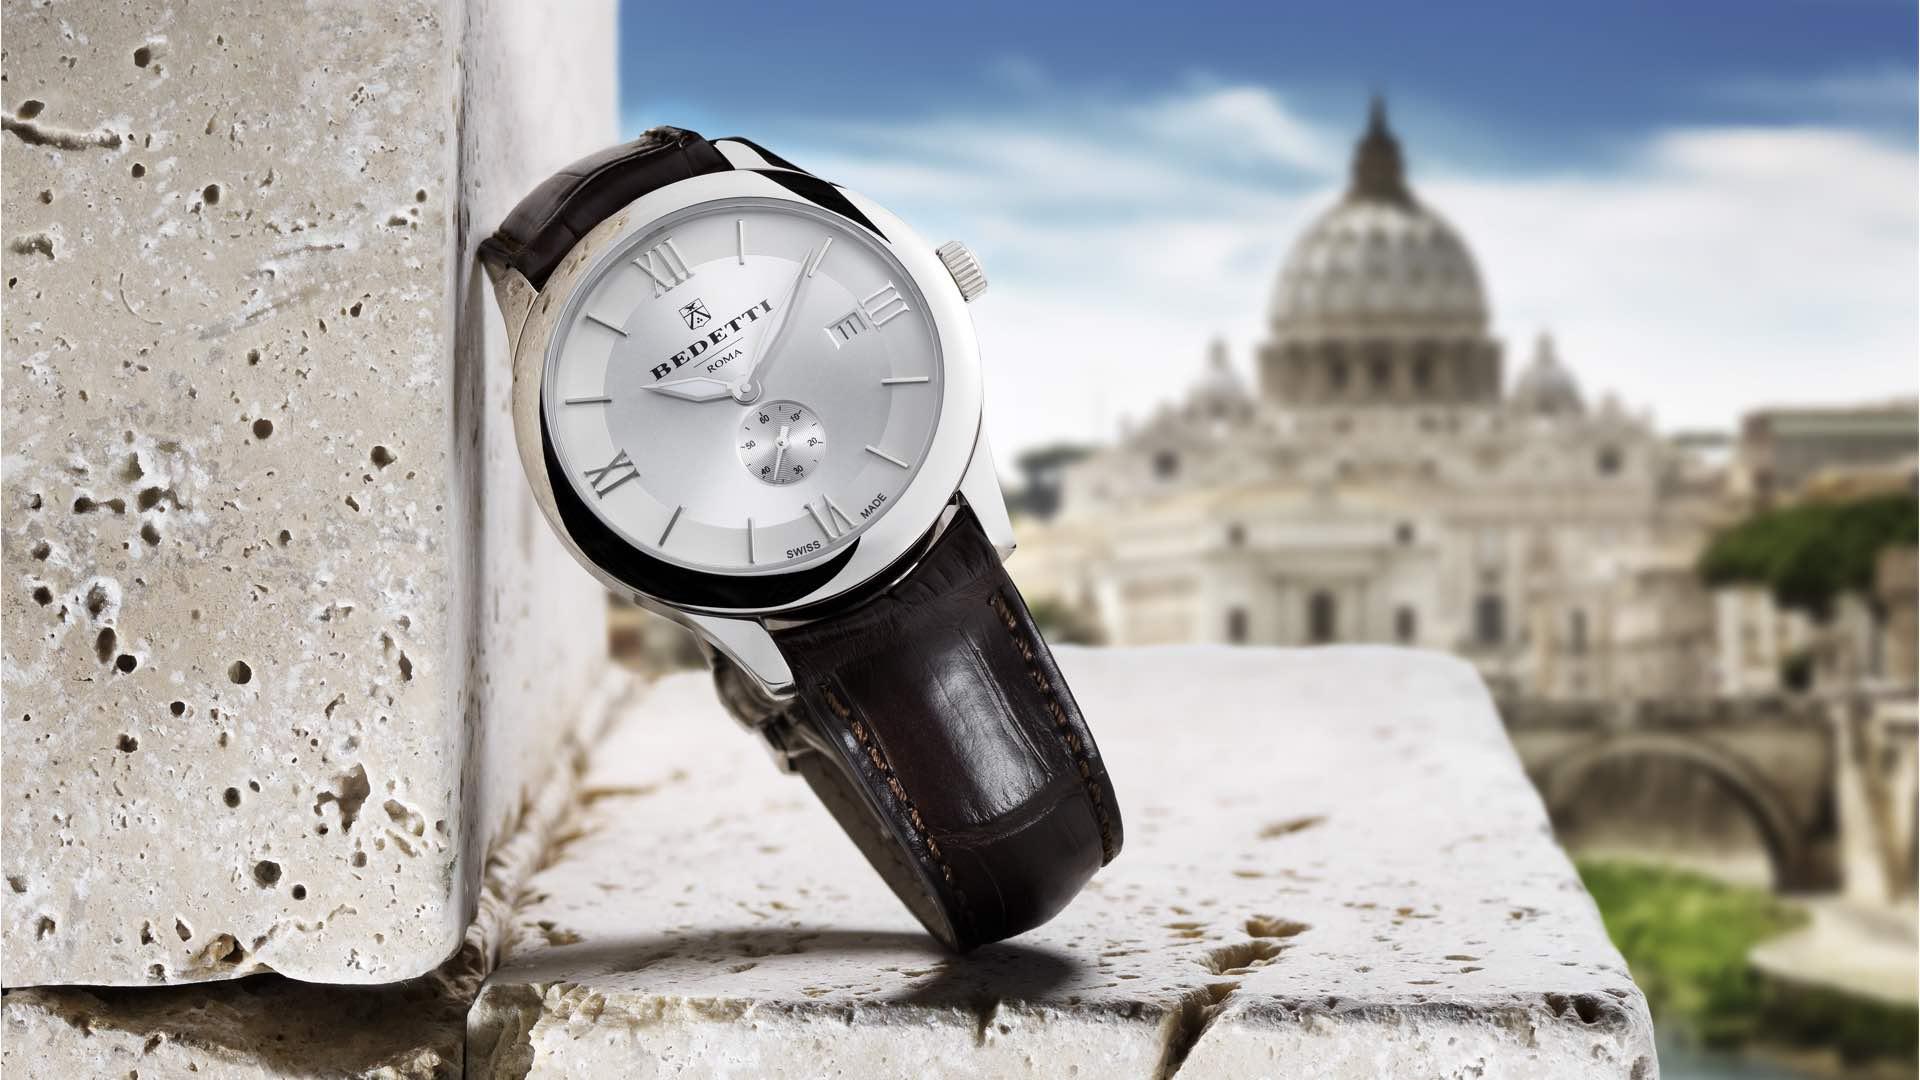 Ferro white dial